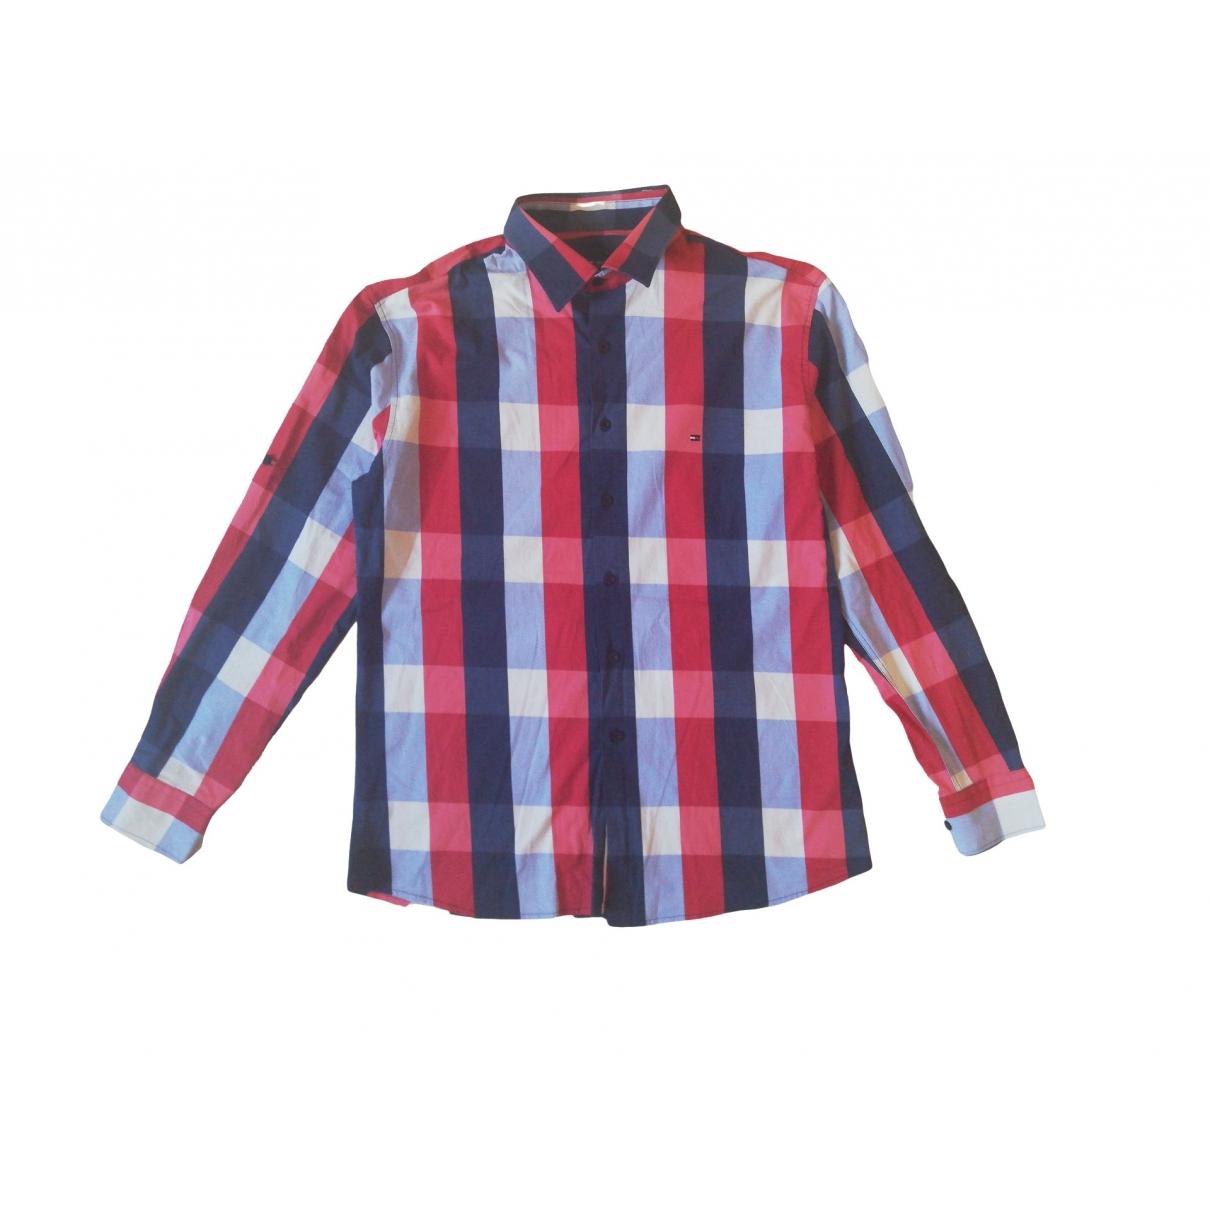 Tommy Hilfiger - Chemises   pour homme en coton - multicolore